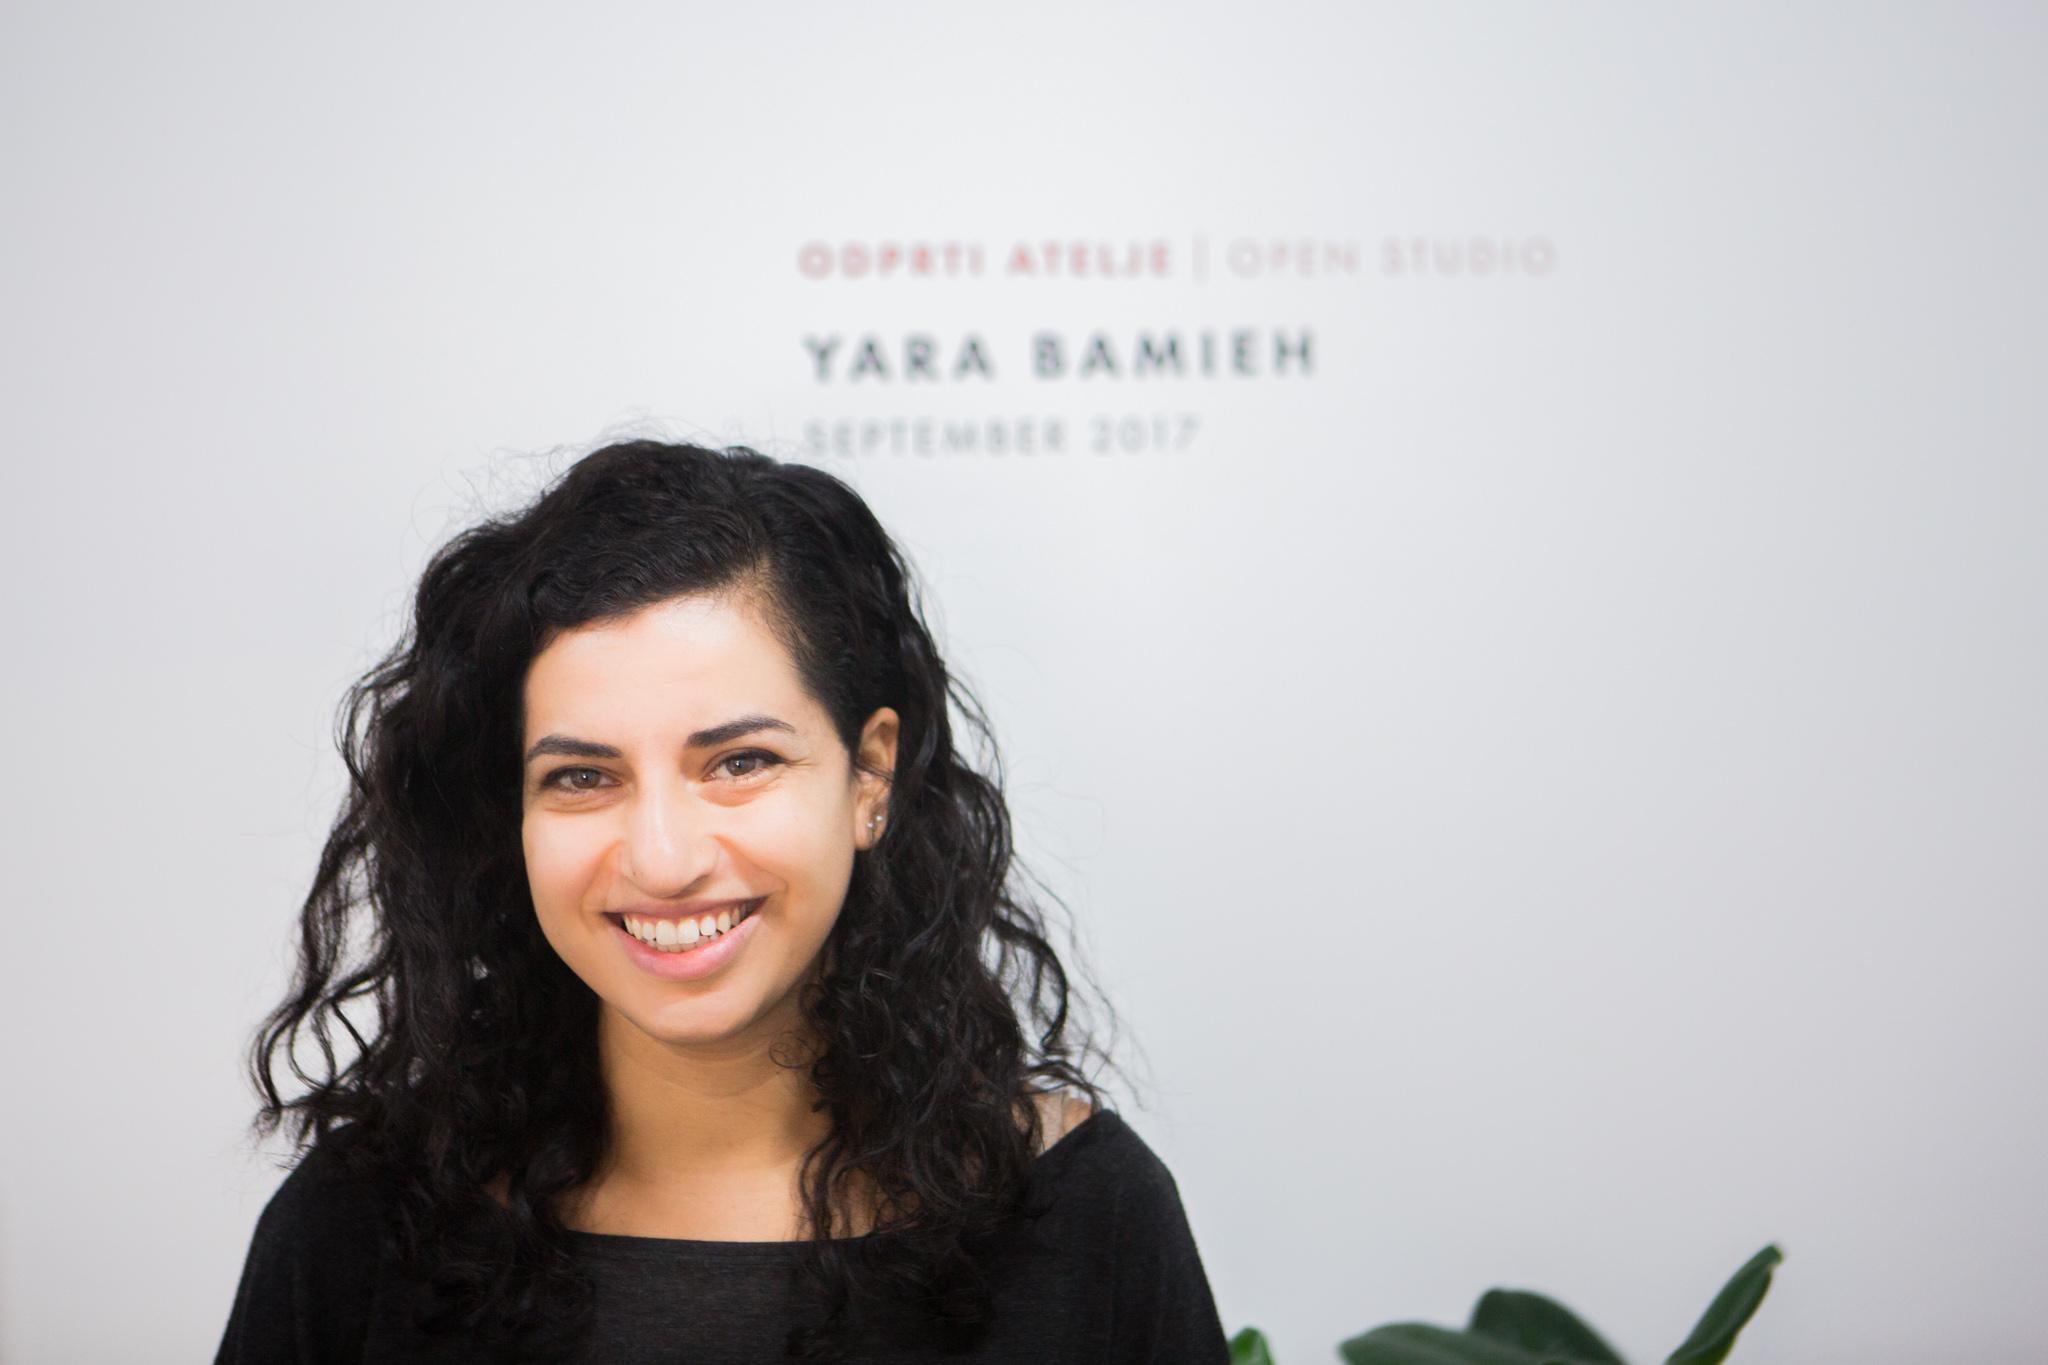 Yara Bamieh: »Ljudje morajo biti to, kar so – čudaški, drugačni, kreativni«